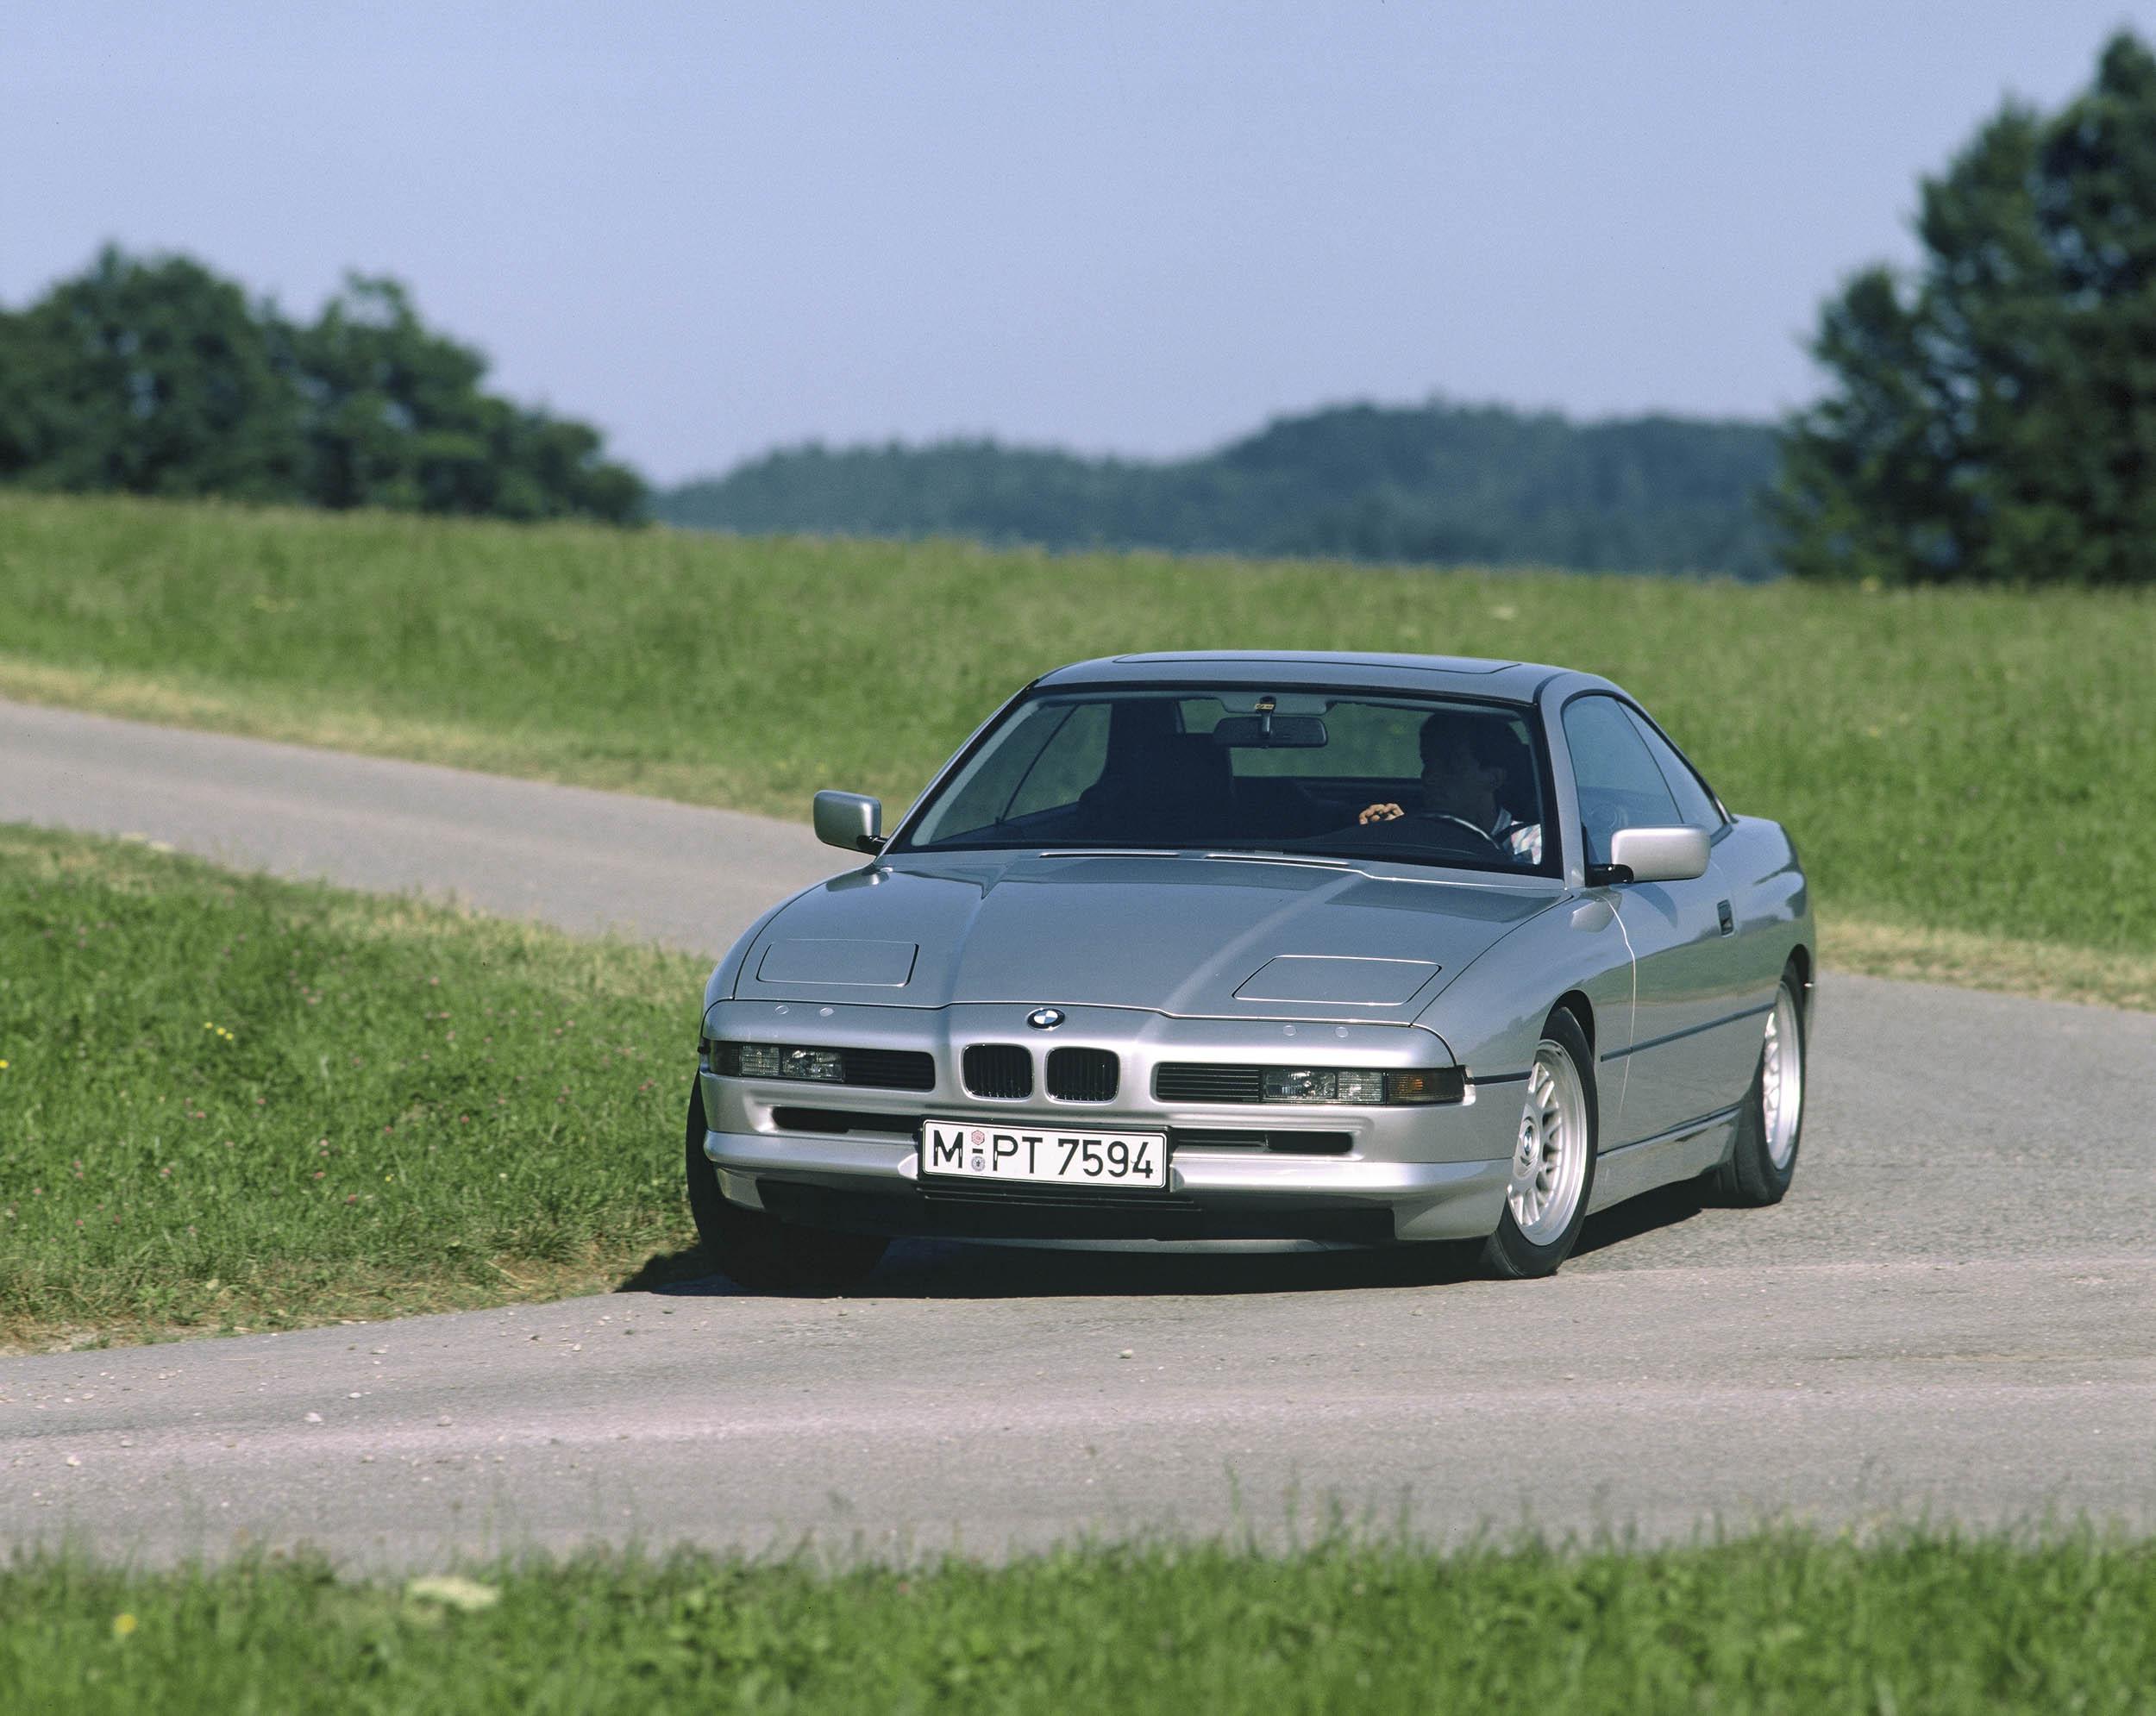 1990 BMW 850i front 3/4